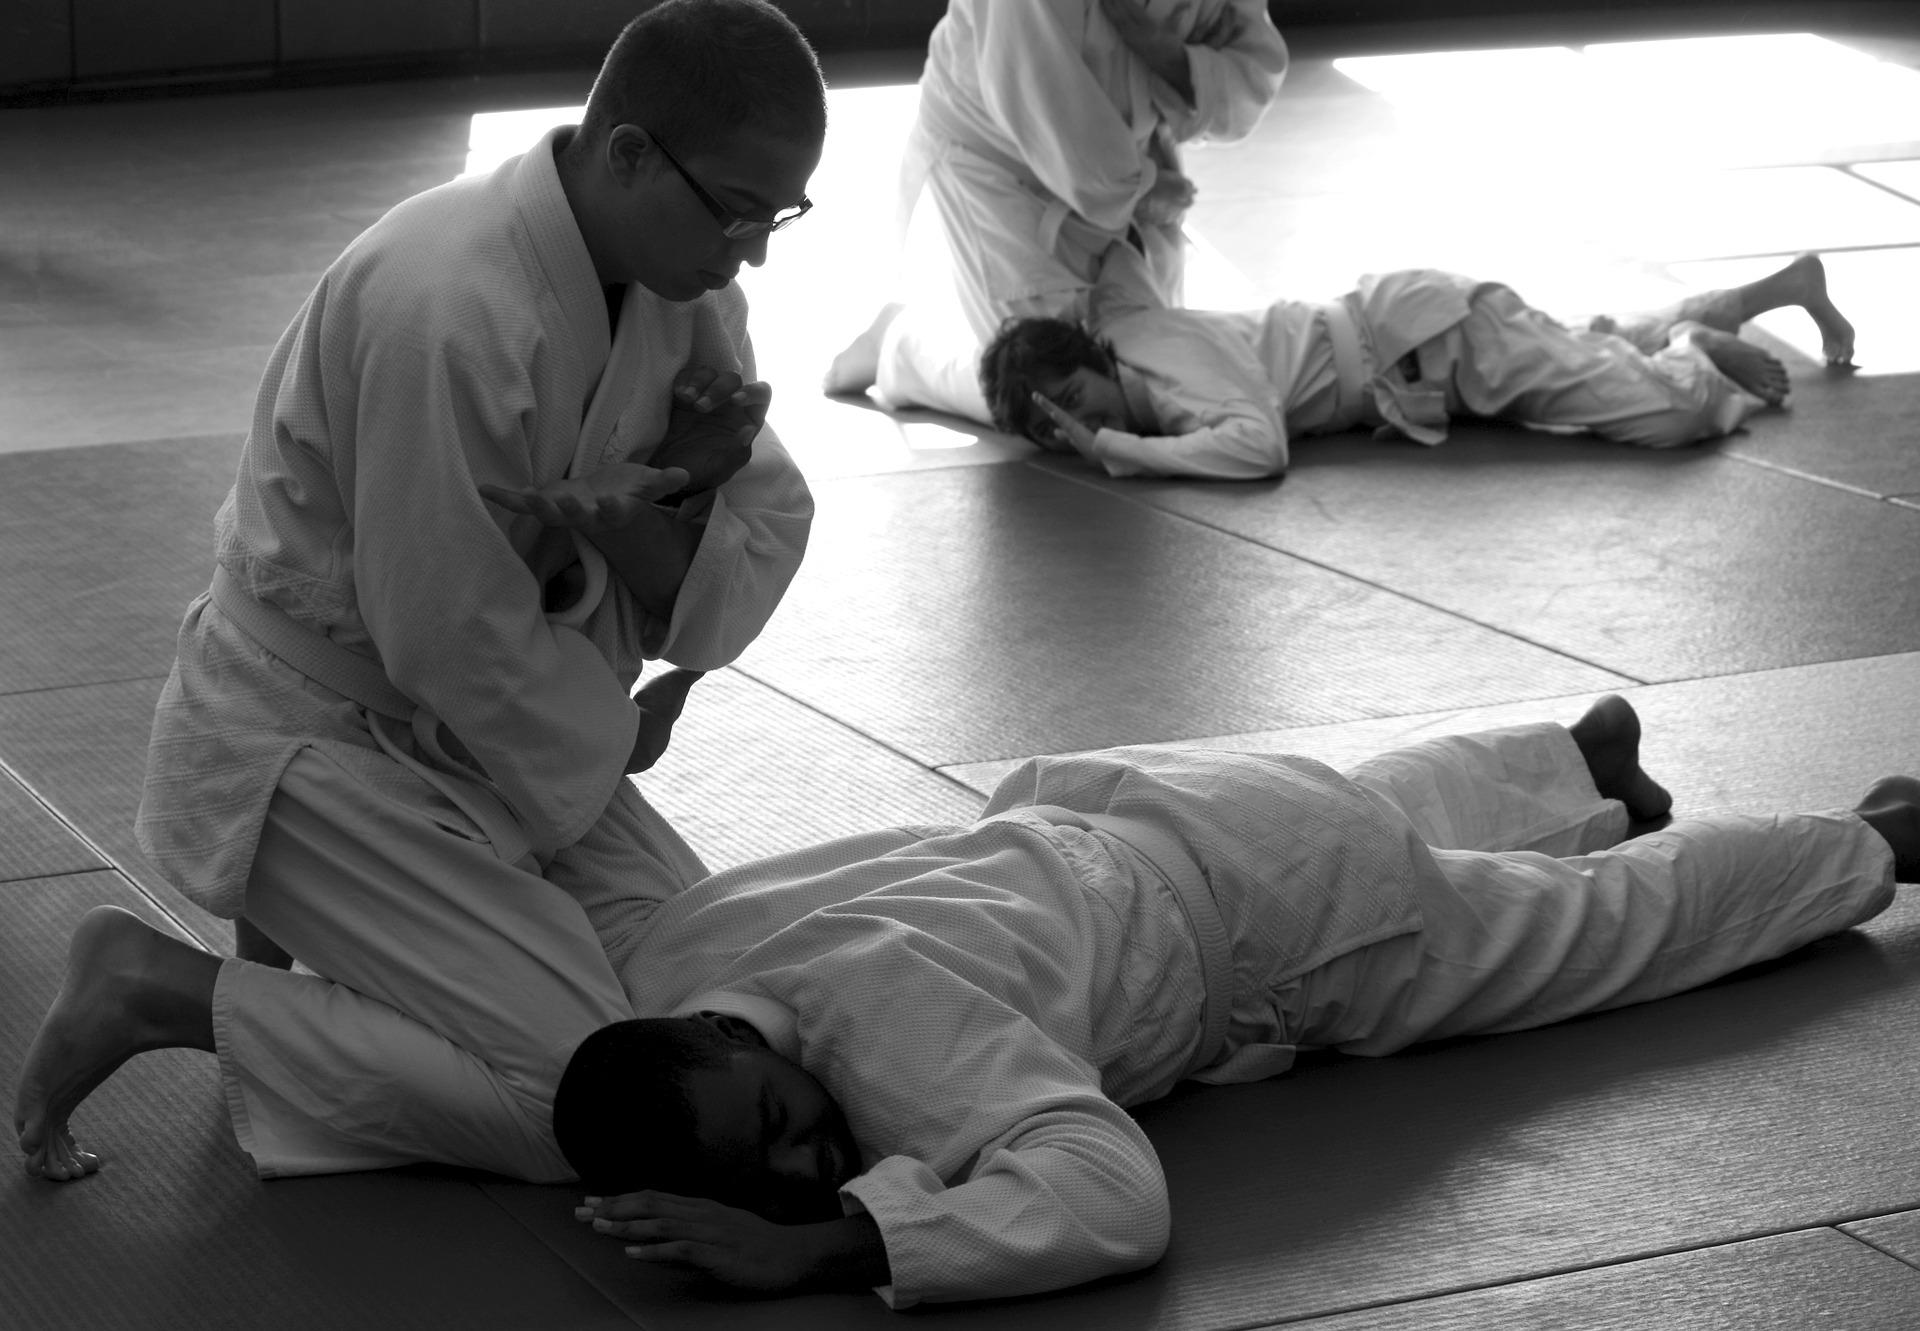 aikido-362954_1920.jpg